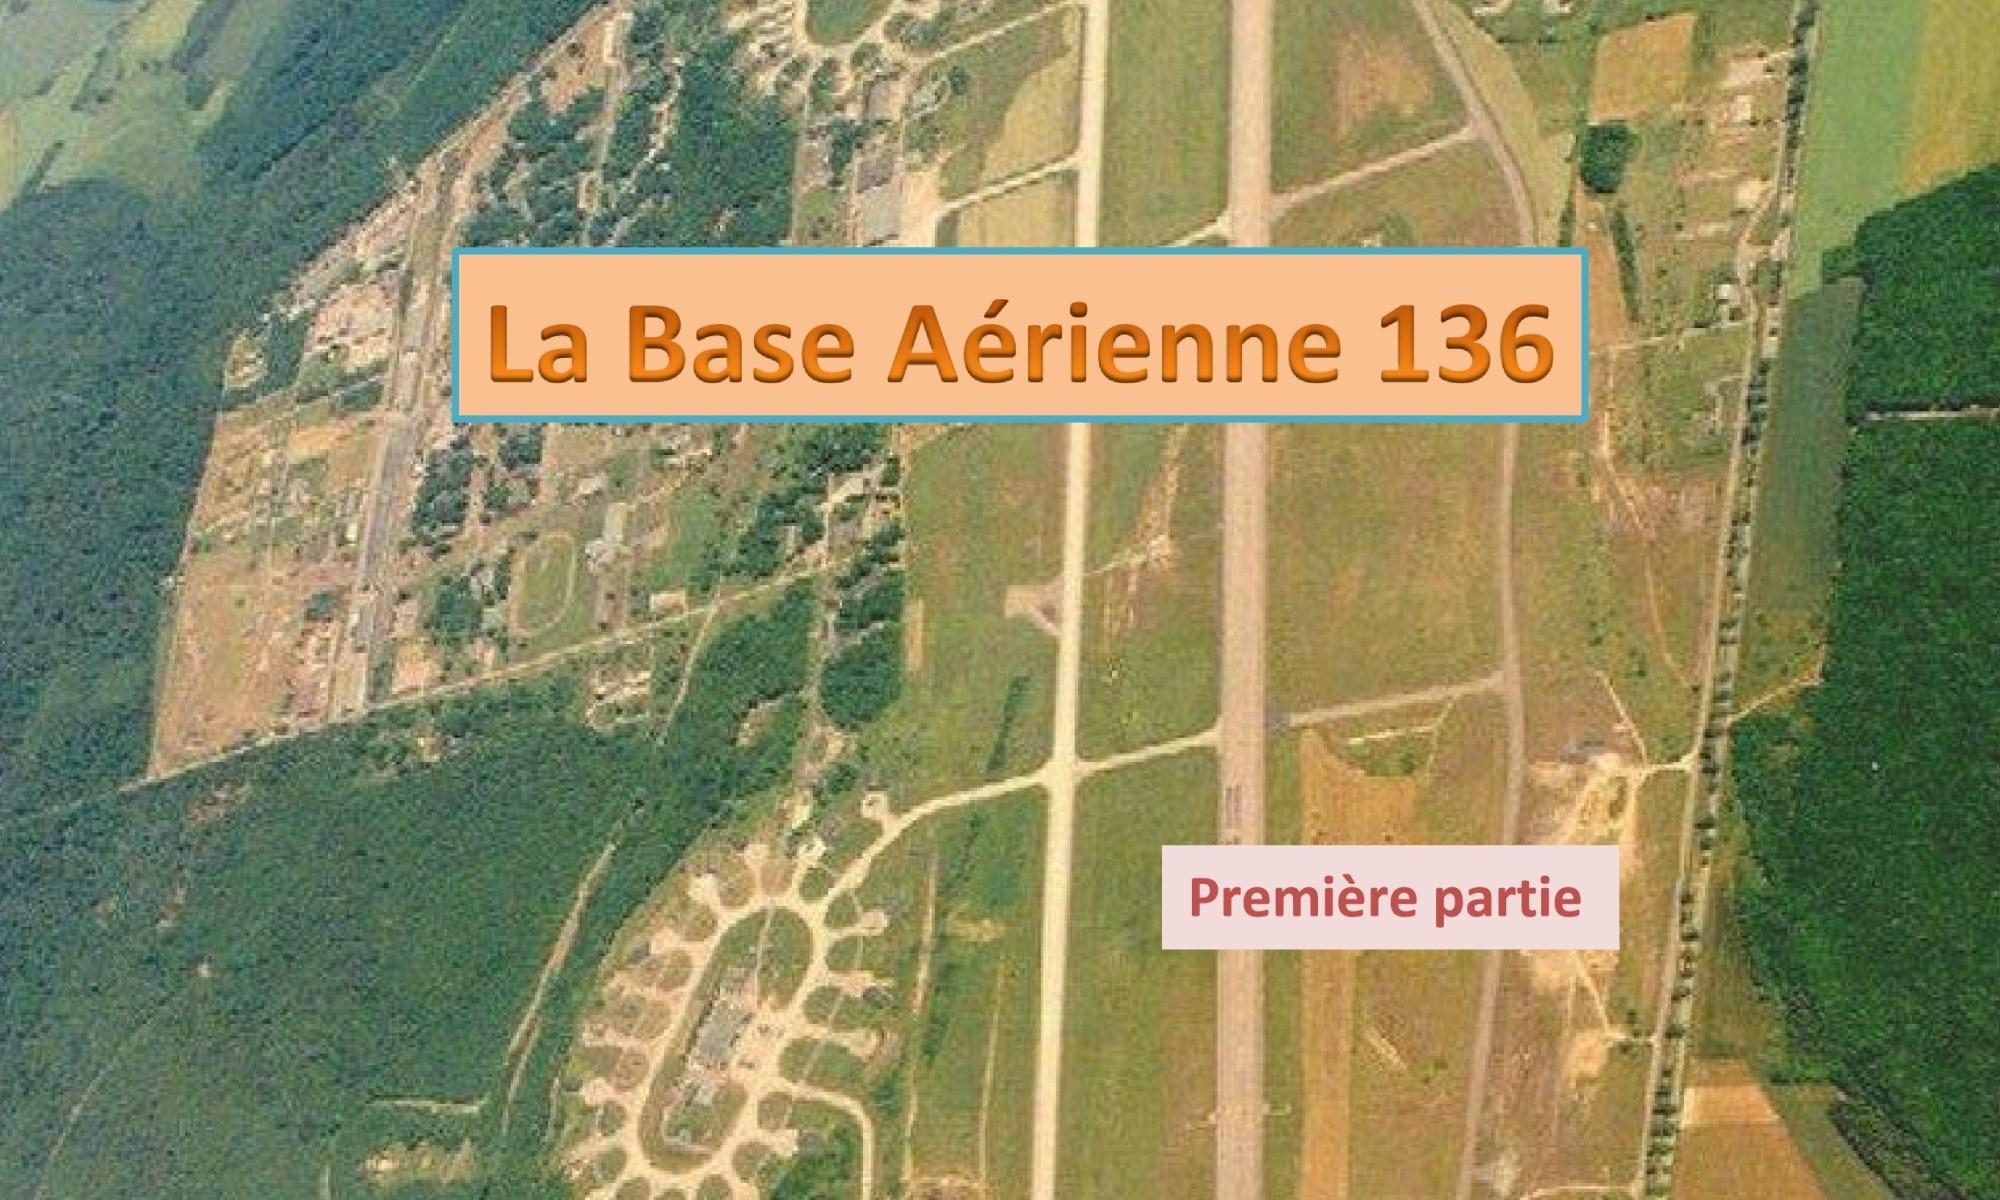 Histoire de la BA 136